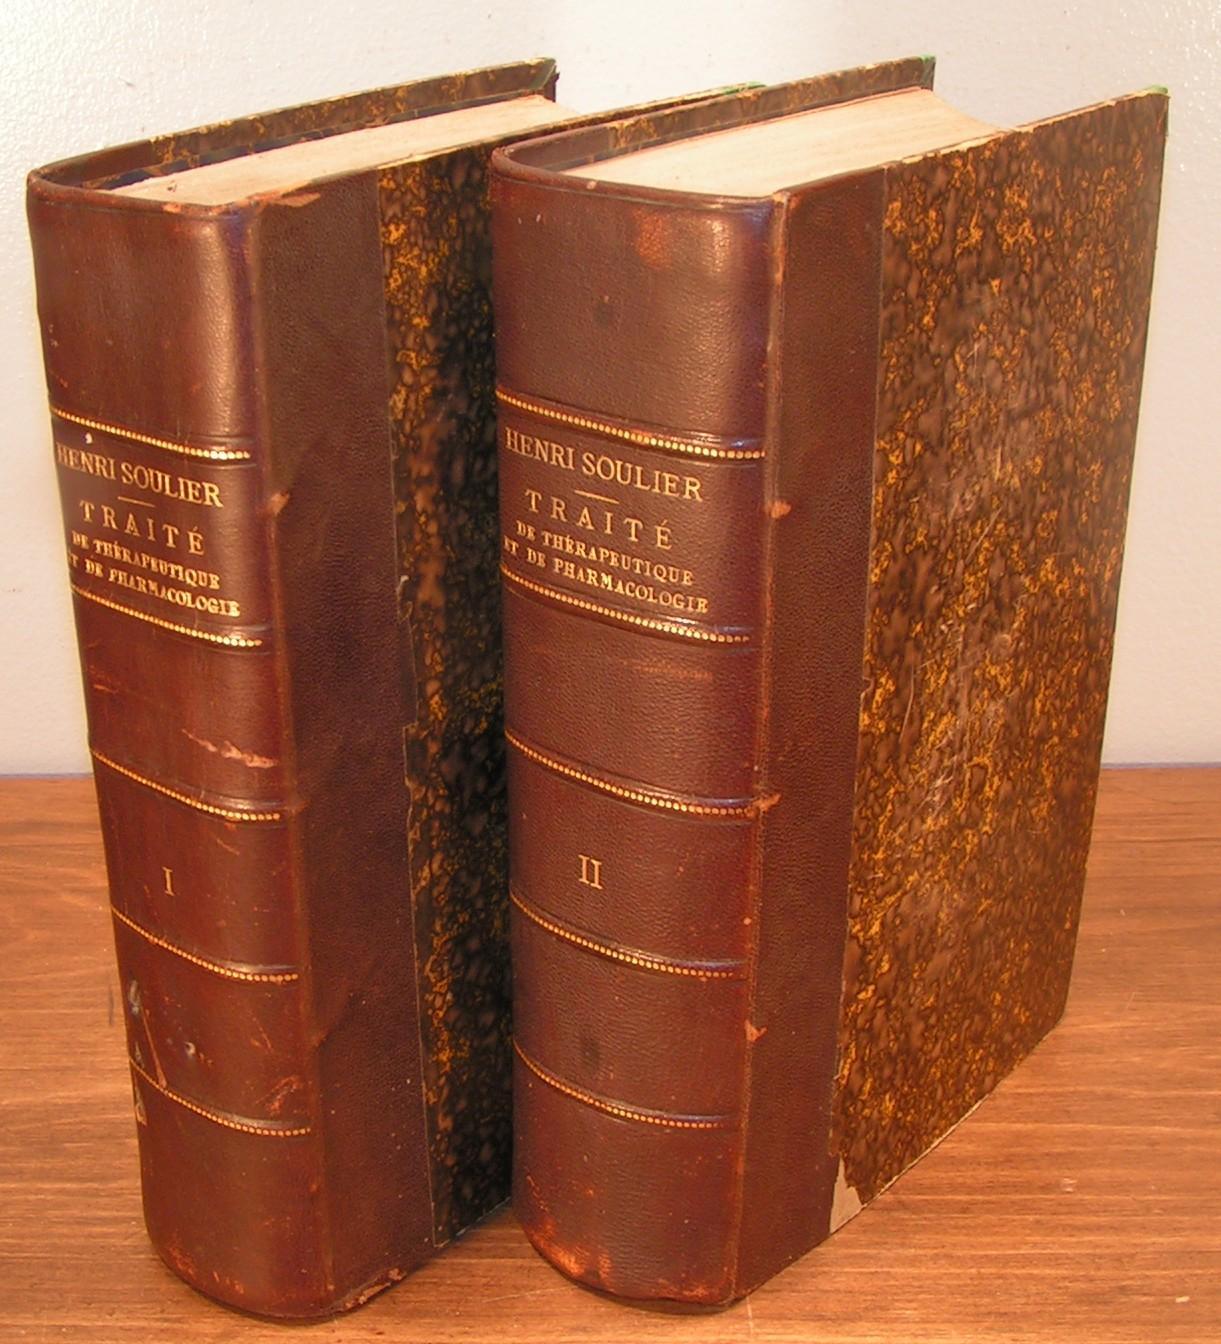 TRAITÉ DE THÉRAPEUTIQUE ET DE PHARMACOLOGIE avec un memento formulaire des médicaments nouveaux (1895) (complet en 2 volumes) SOULIER, Henri Near Fin